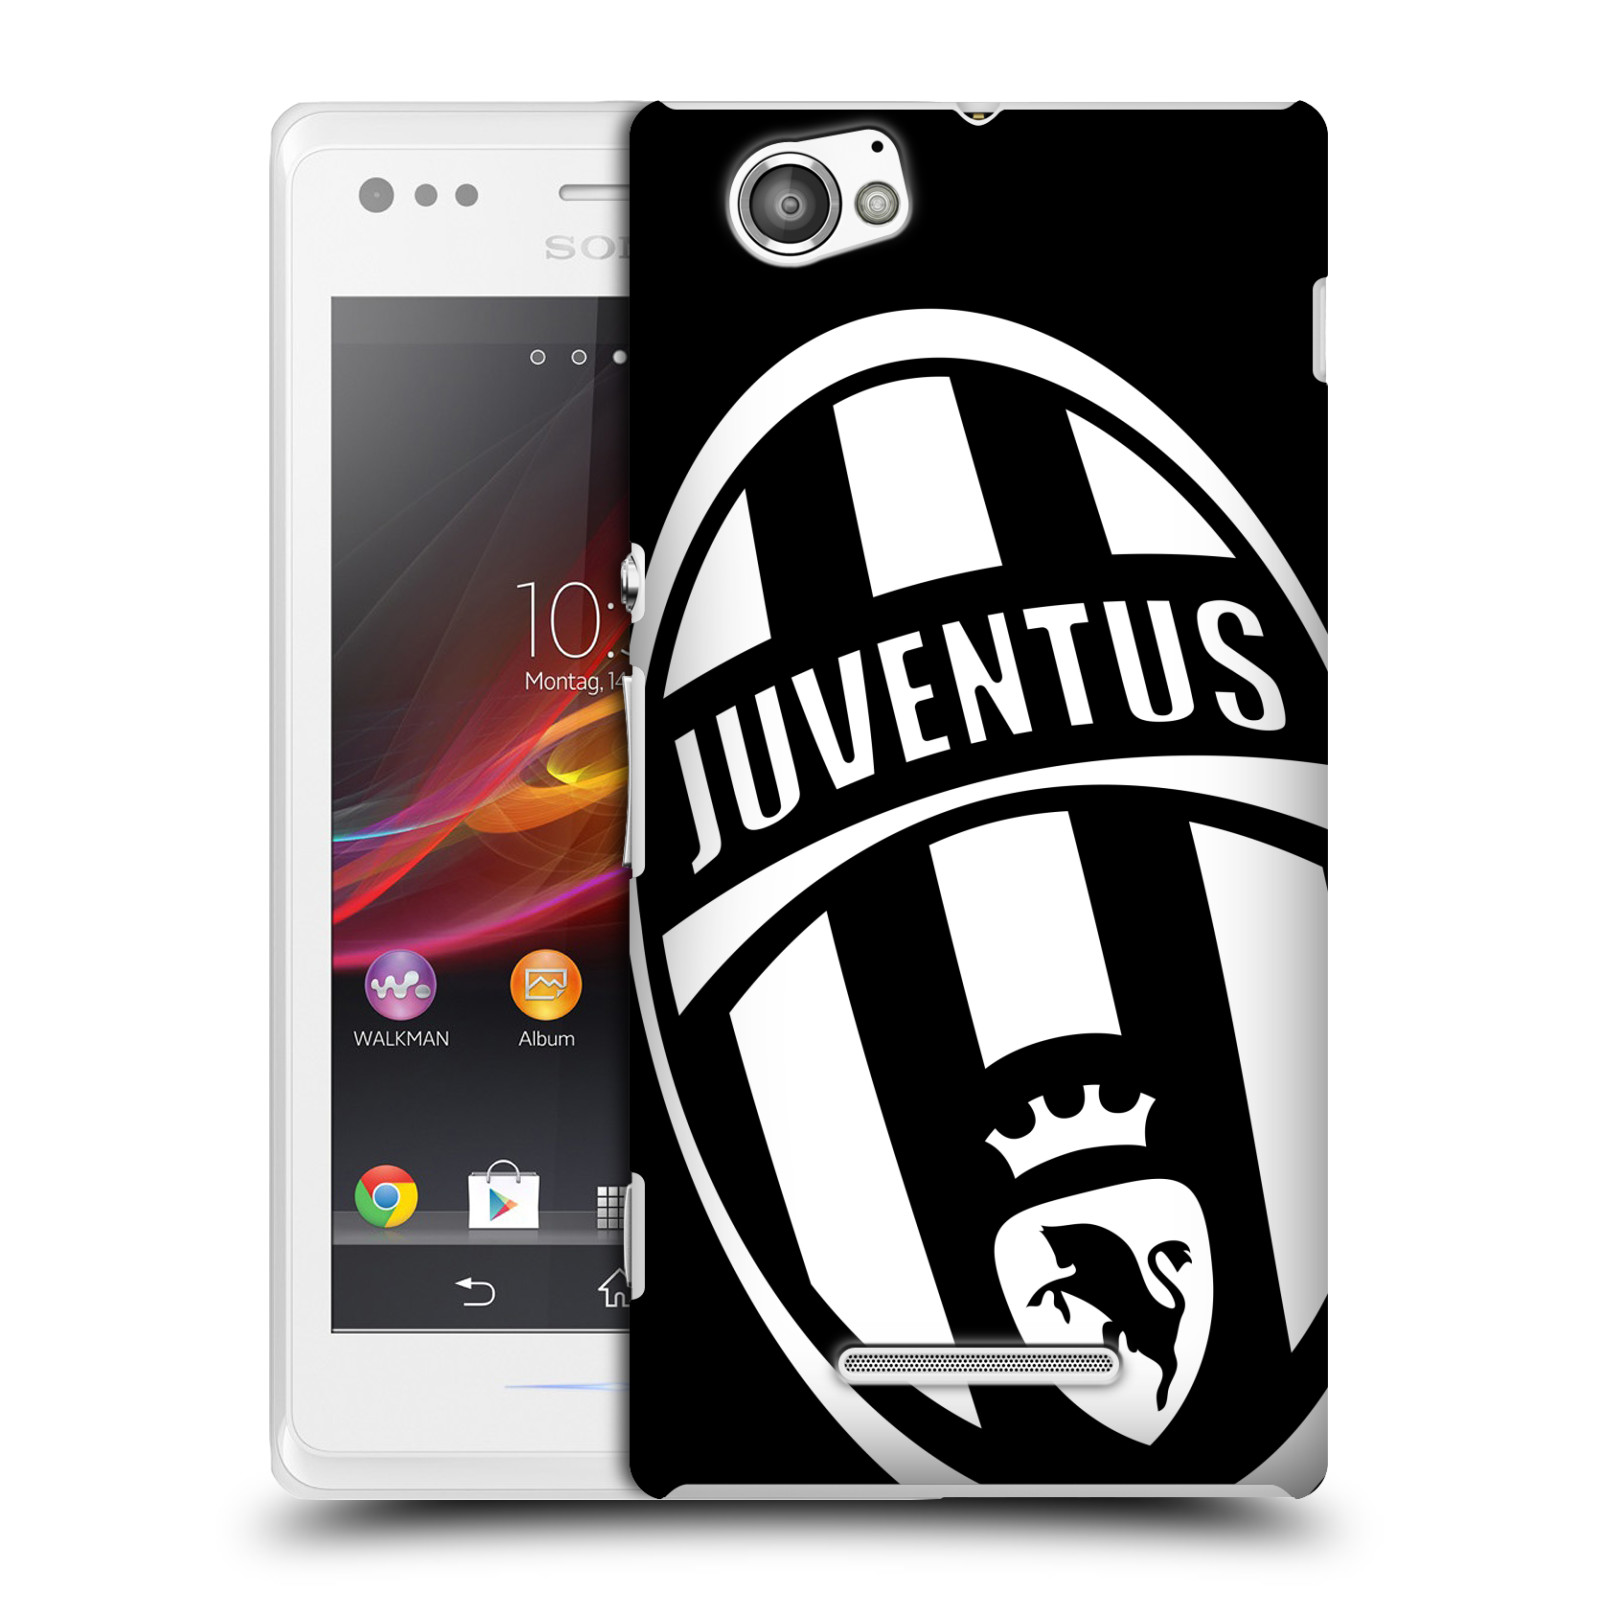 Plastové pouzdro na mobil Sony Xperia M C1905 HEAD CASE Juventus FC - Velké Logo (Plastový kryt či obal na mobilní telefon Juventus FC Official pro Sony Xperia M )